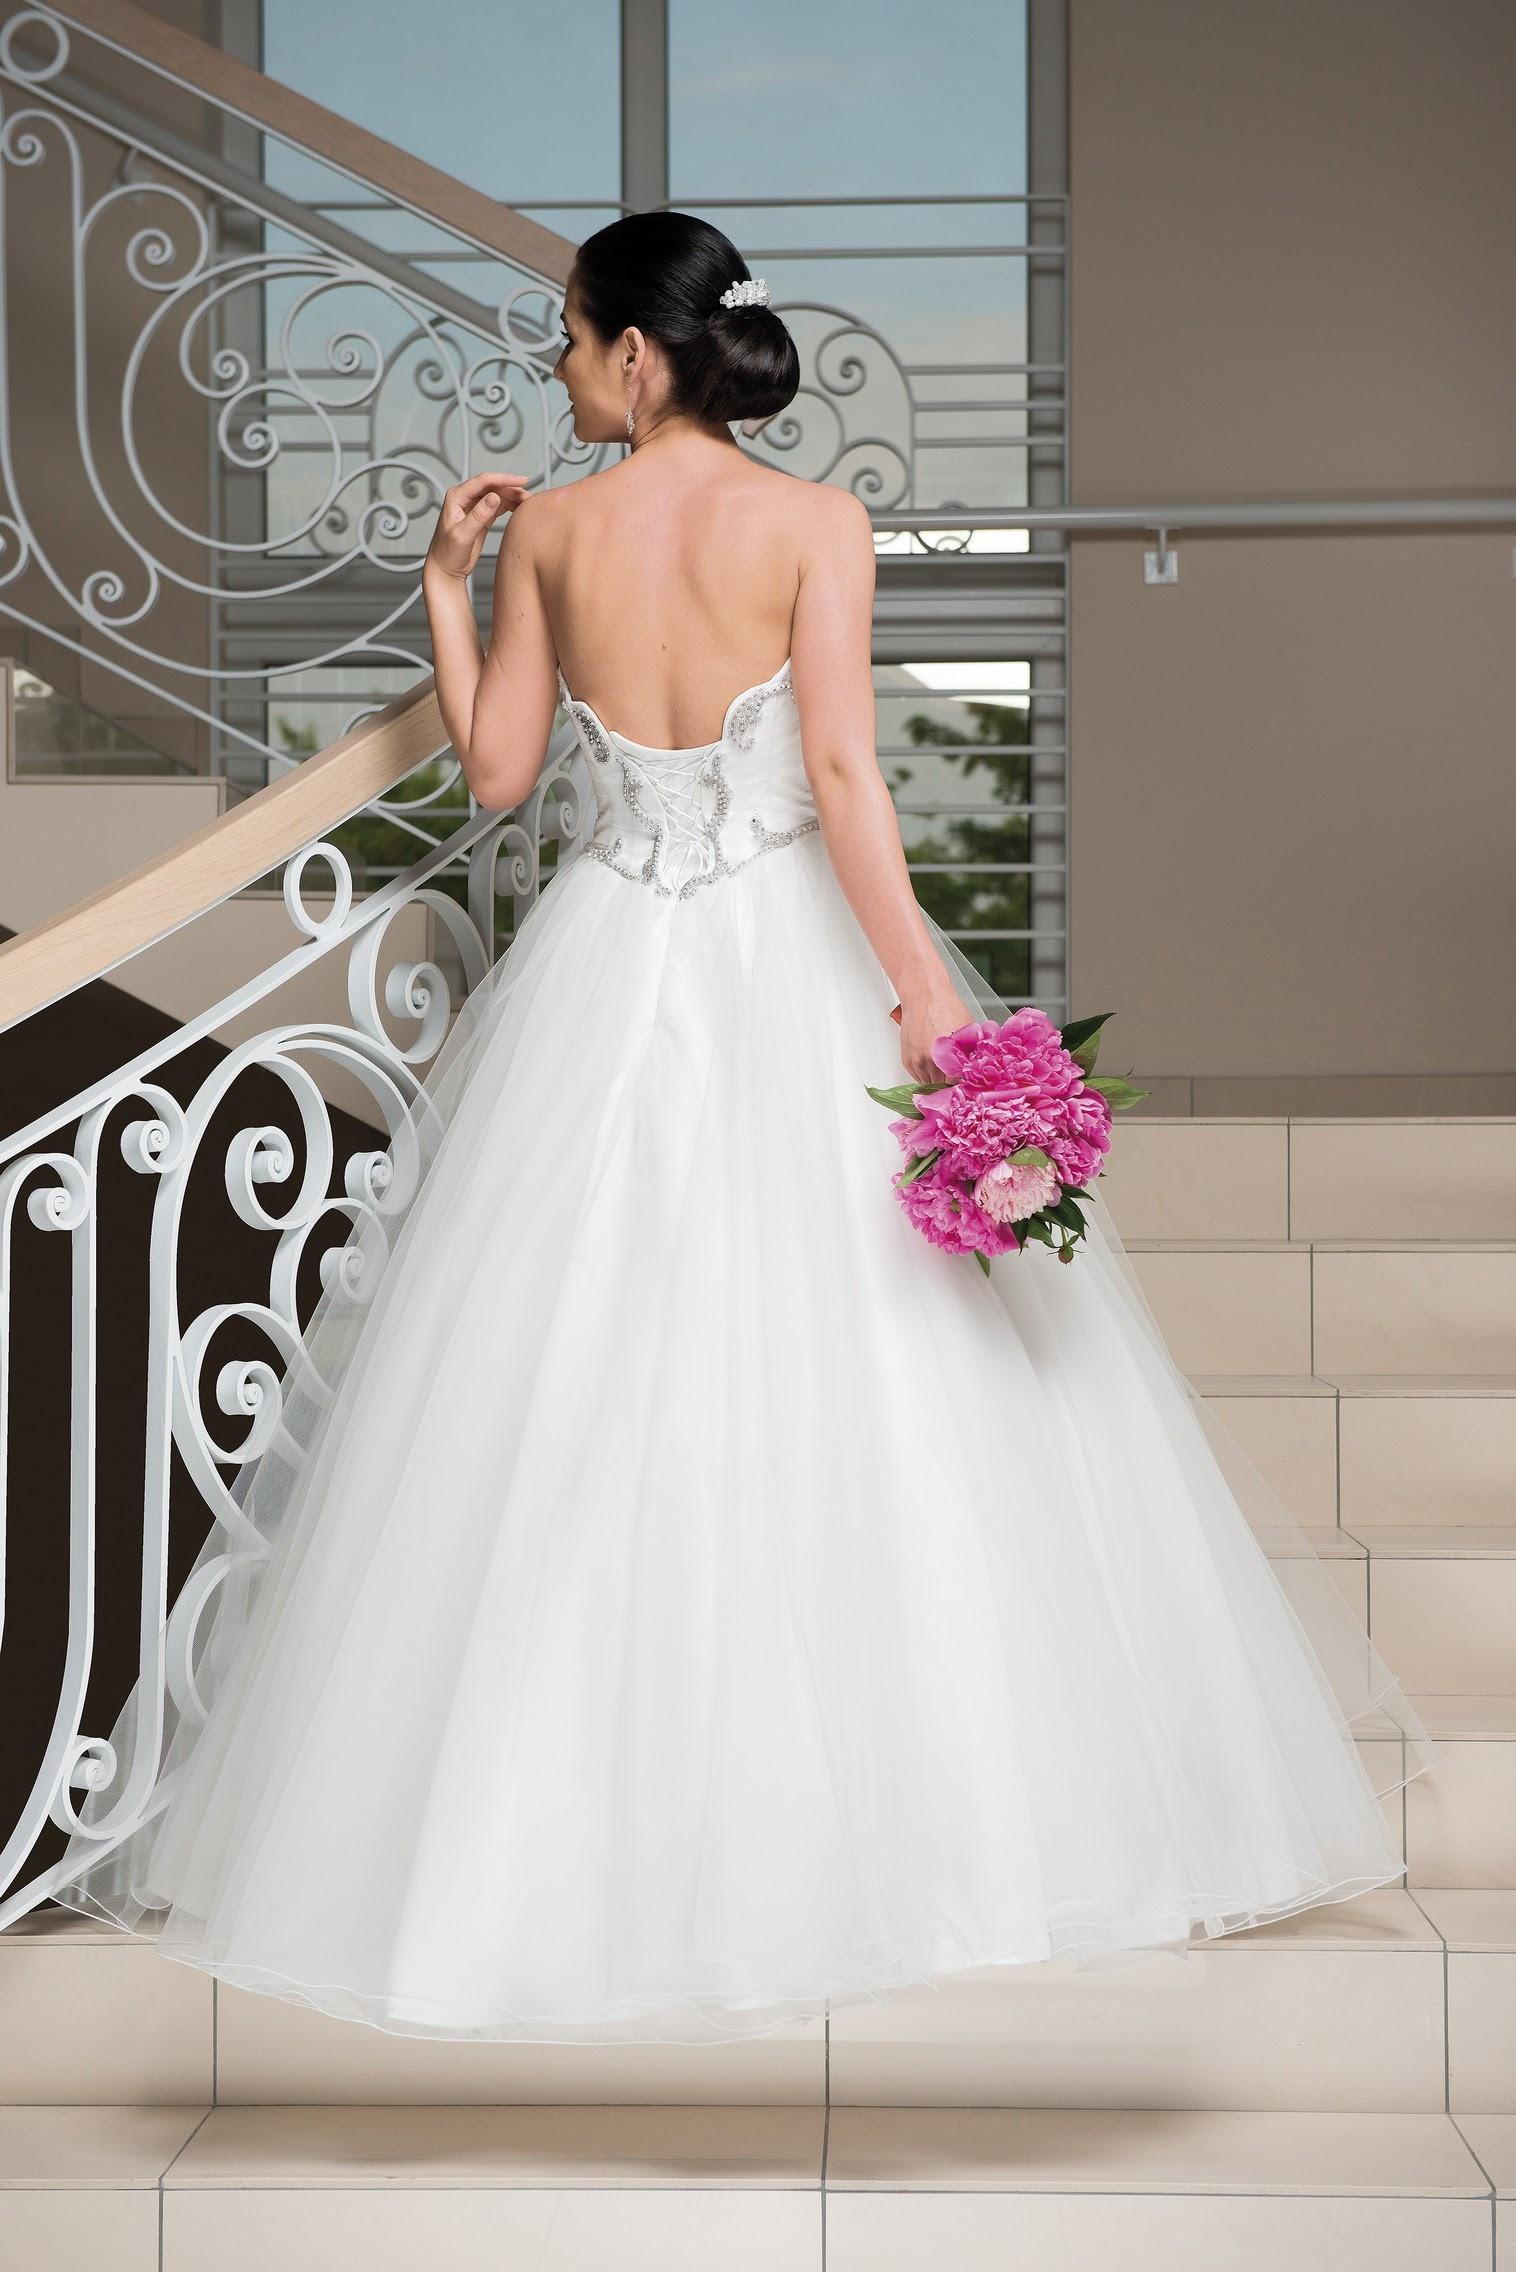 Ziemlich Hochzeitskleider Denver Fotos - Brautkleider Ideen ...